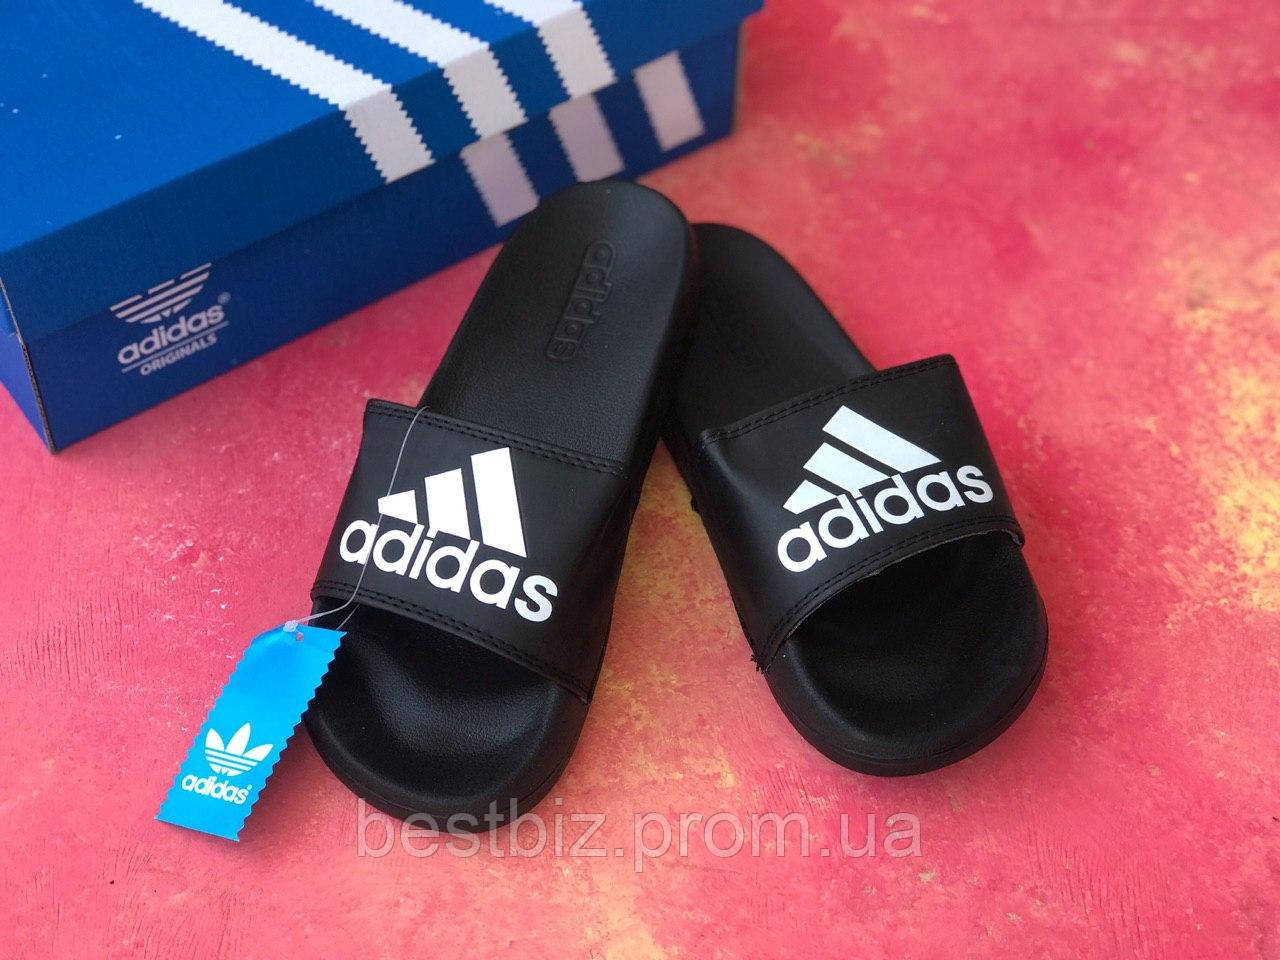 Шльопанці чоловічі чорні Adidas / Сланці / шльопанці / адідас